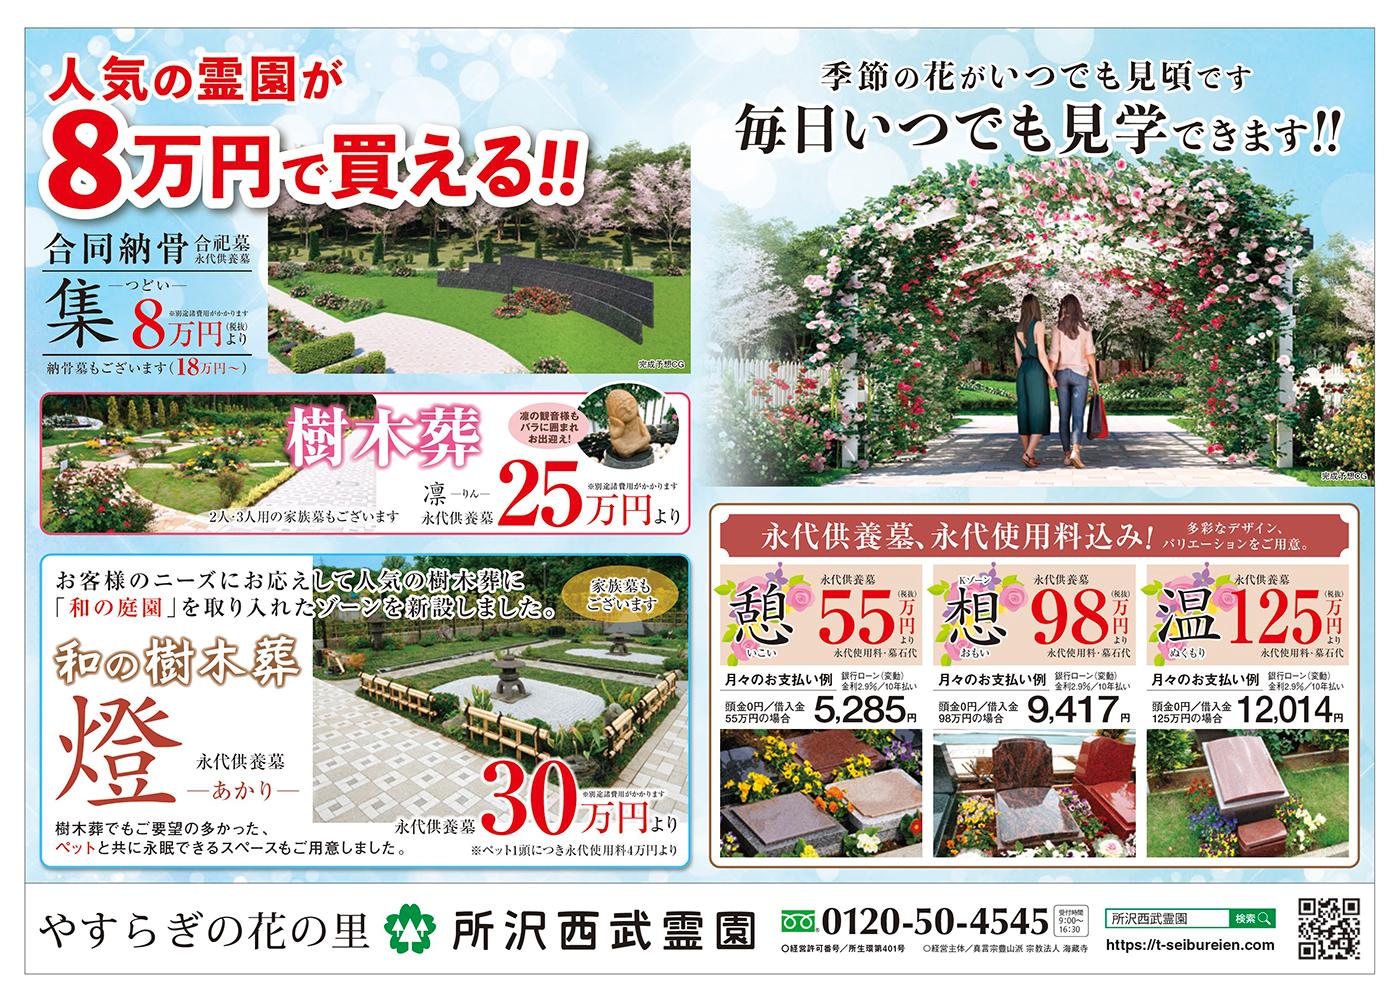 雑誌広告【2020年11月】